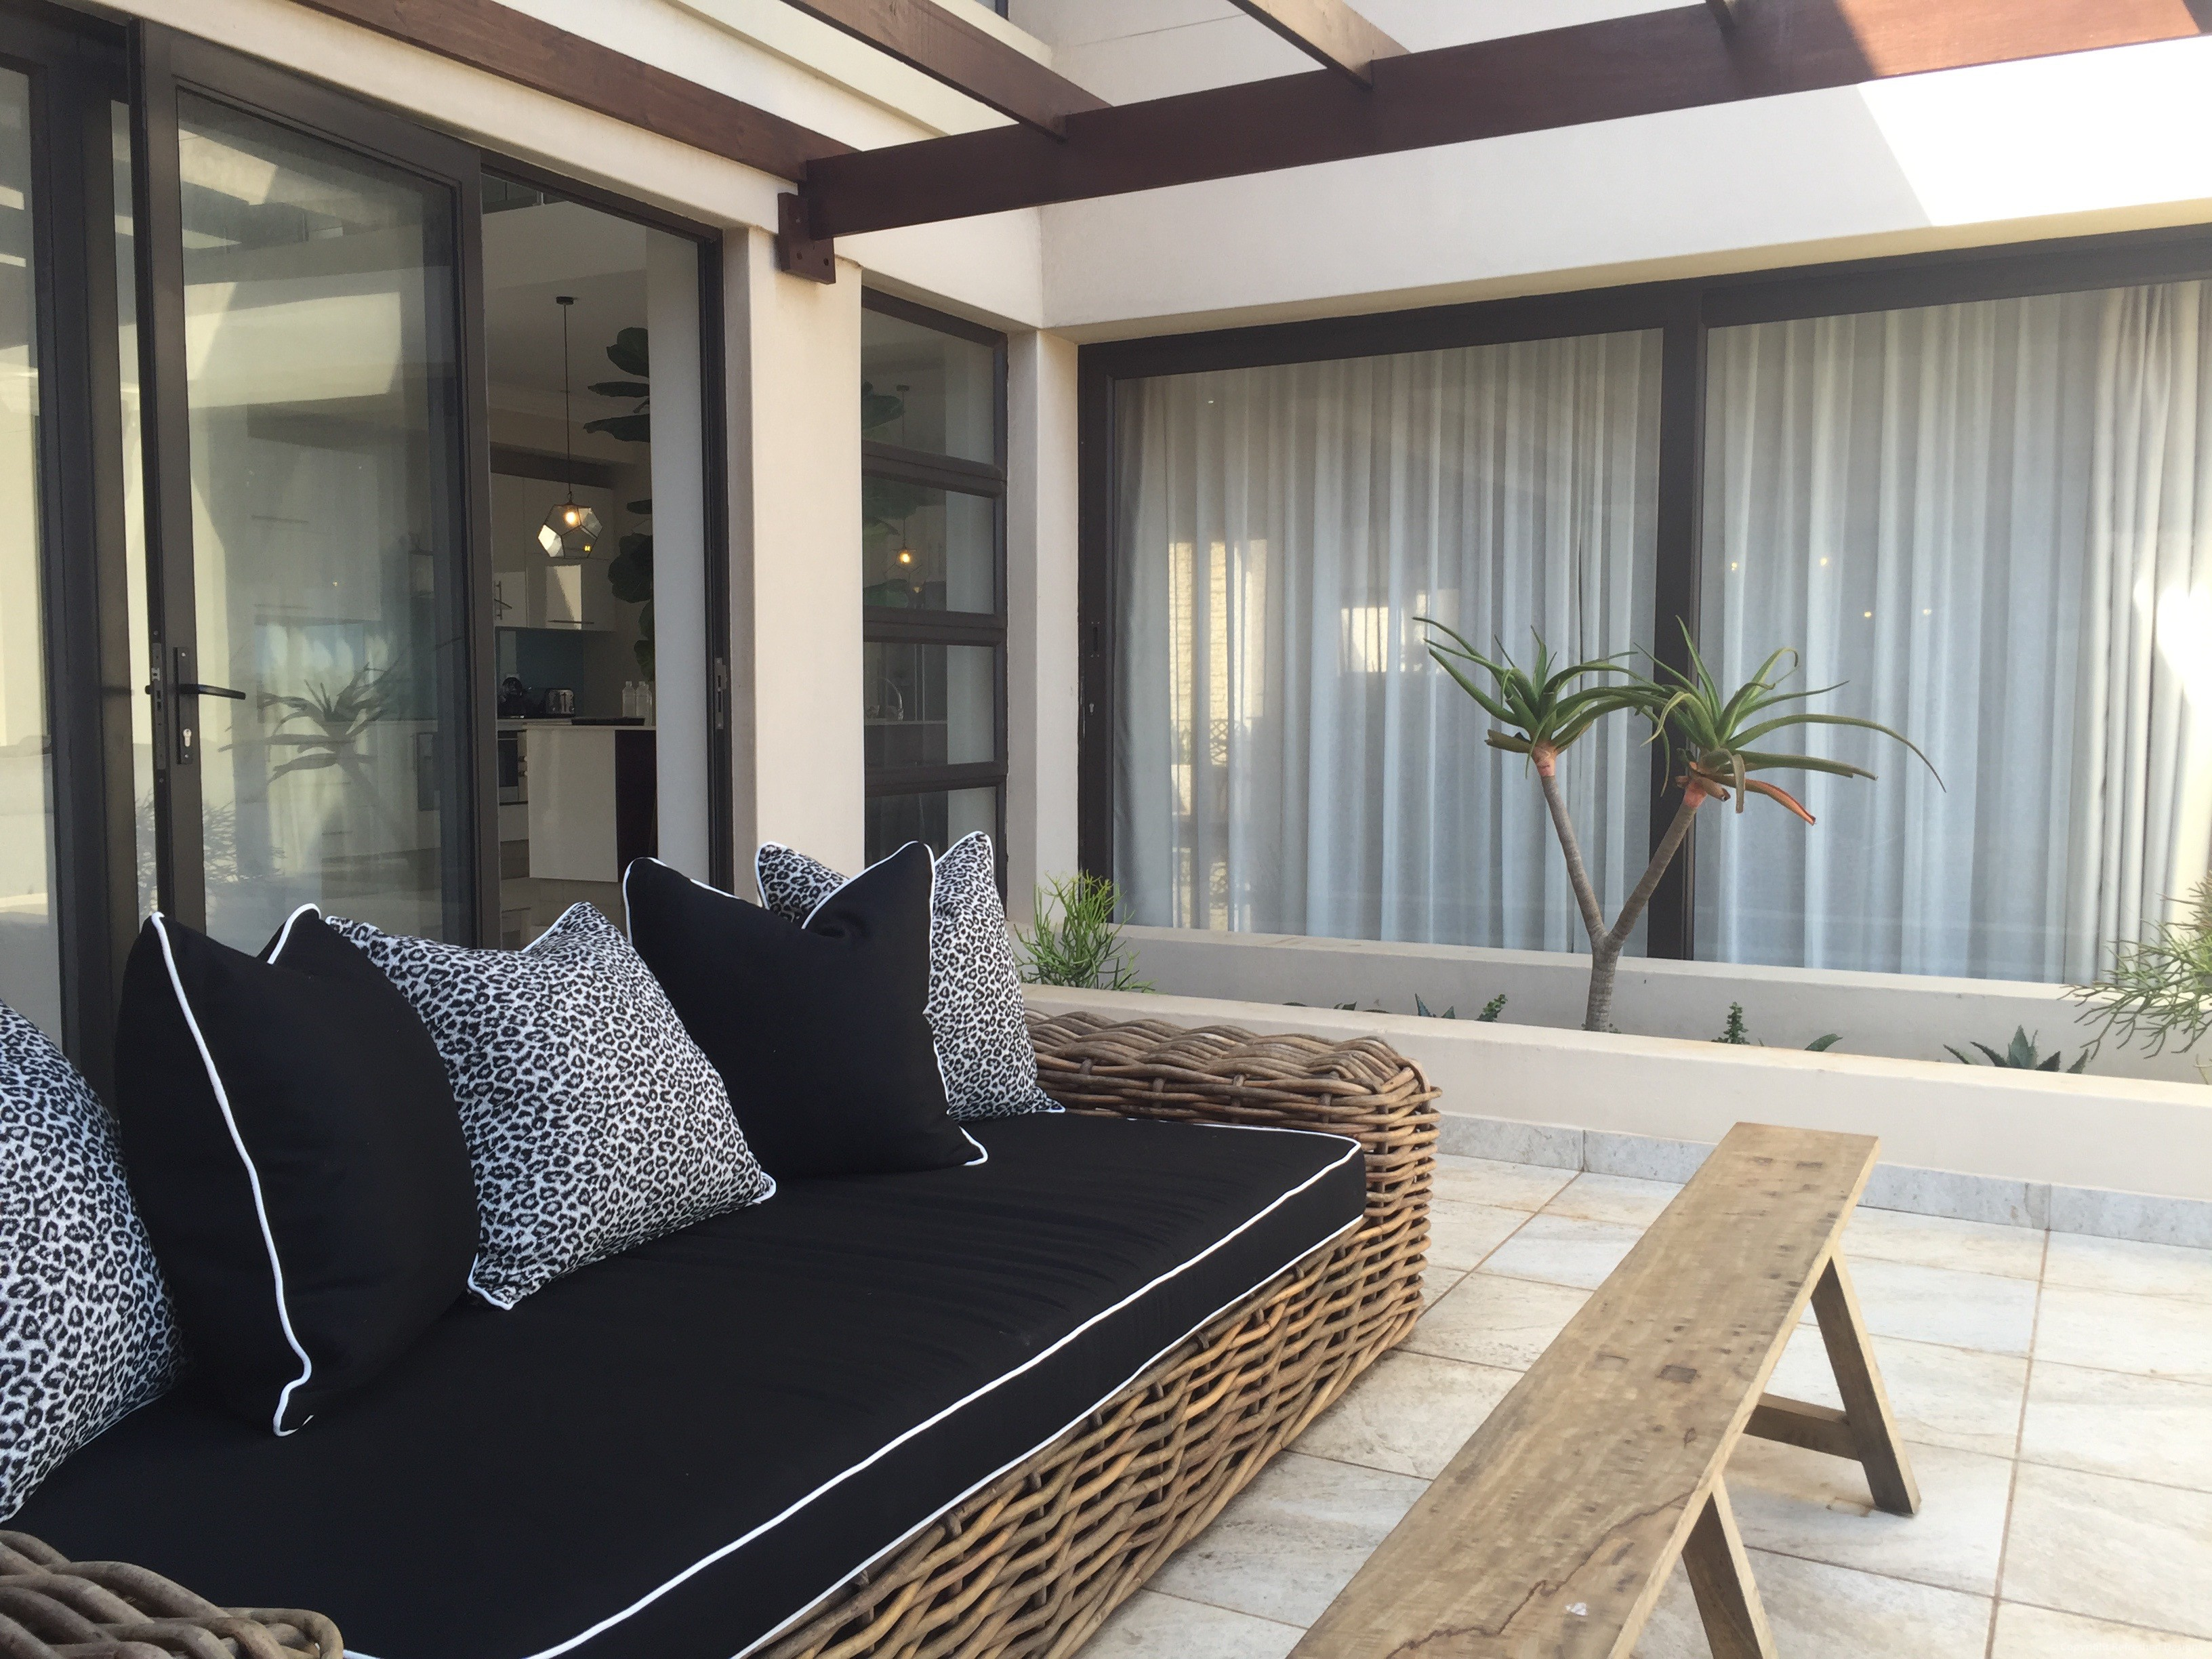 Refreshed Designs, Verandah,  Lounger, furniture,